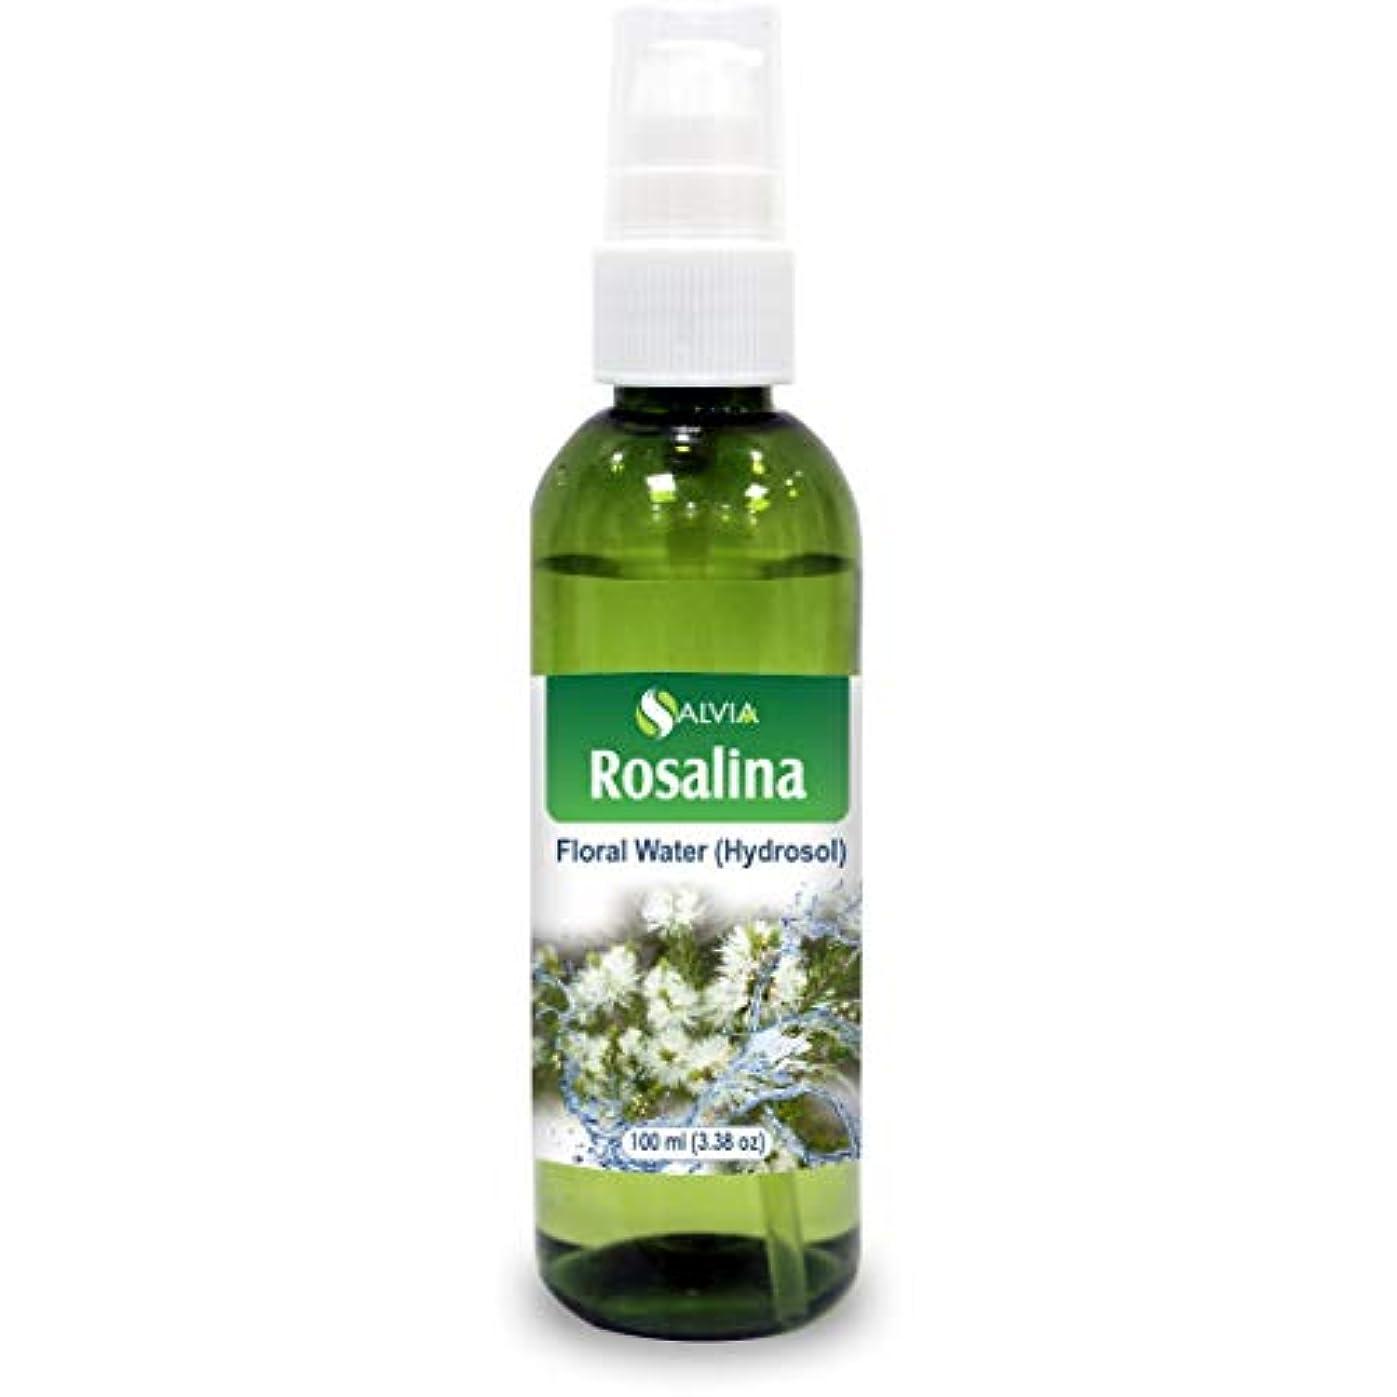 パブ出会い決定するRosalina Oil Floral Water 100ml (Hydrosol) 100% Pure And Natural